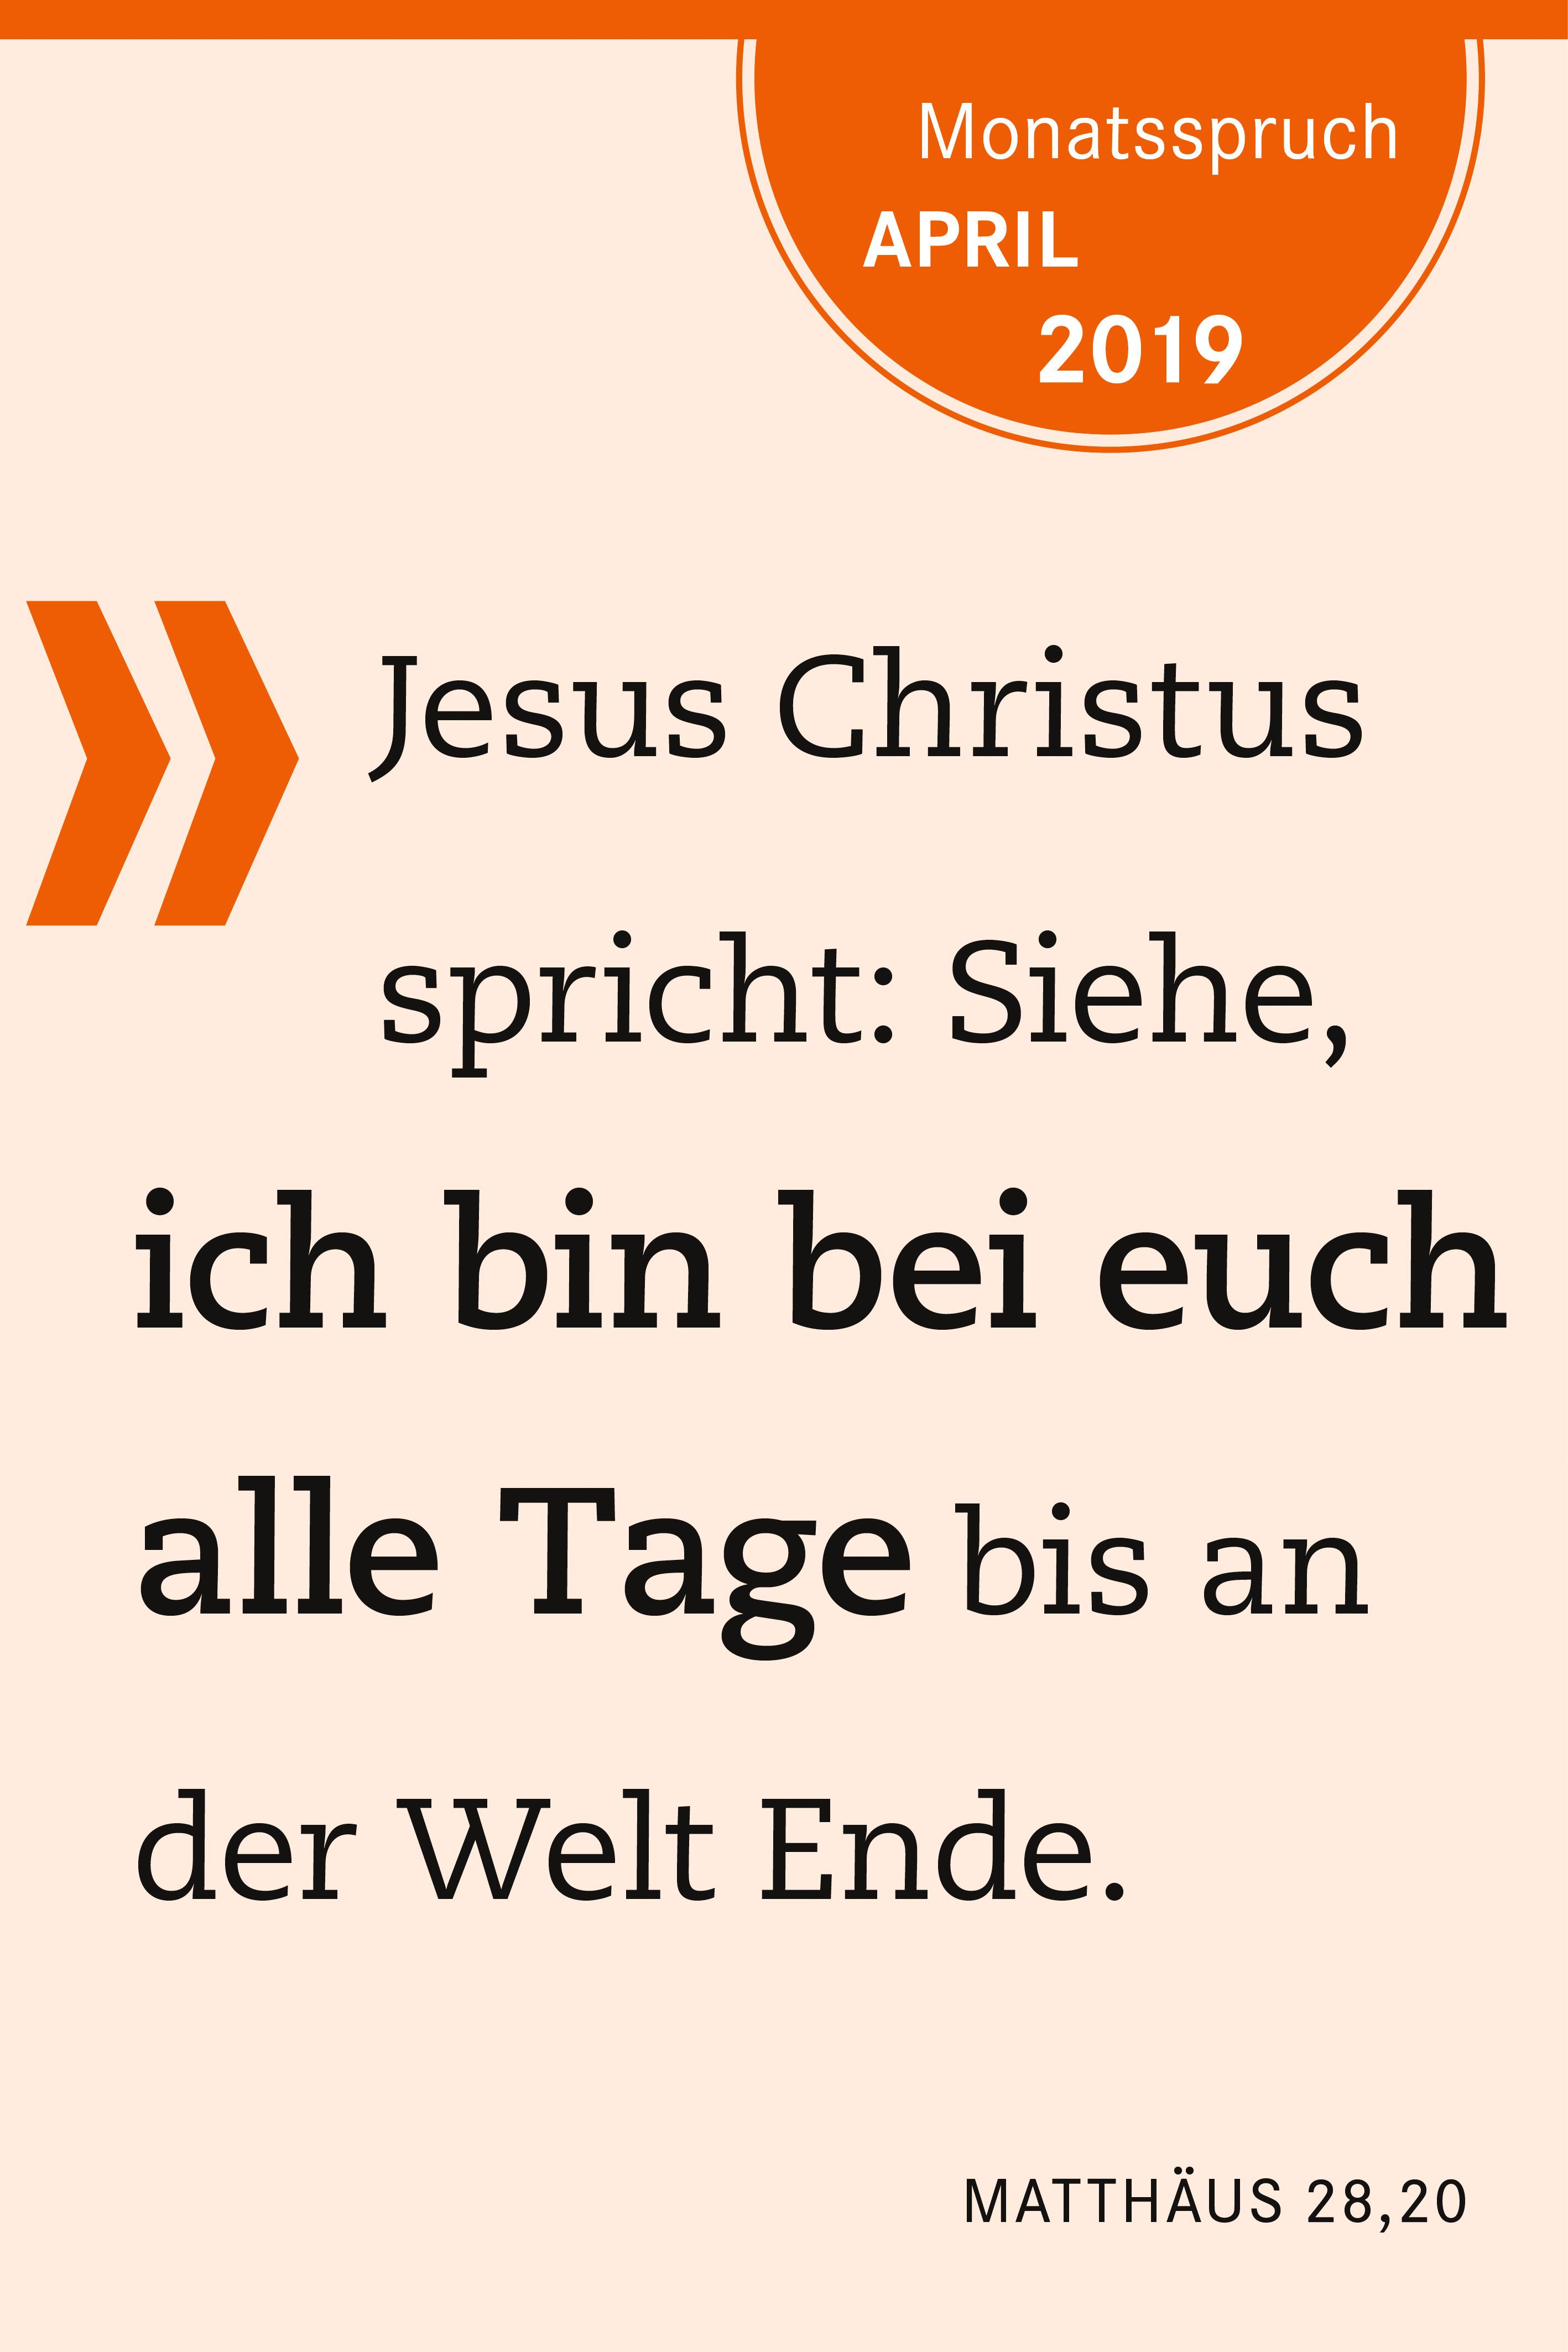 Jesus Christus spricht: Siehe, ich bin bei euch alle Tage bis an der Welt Ende.